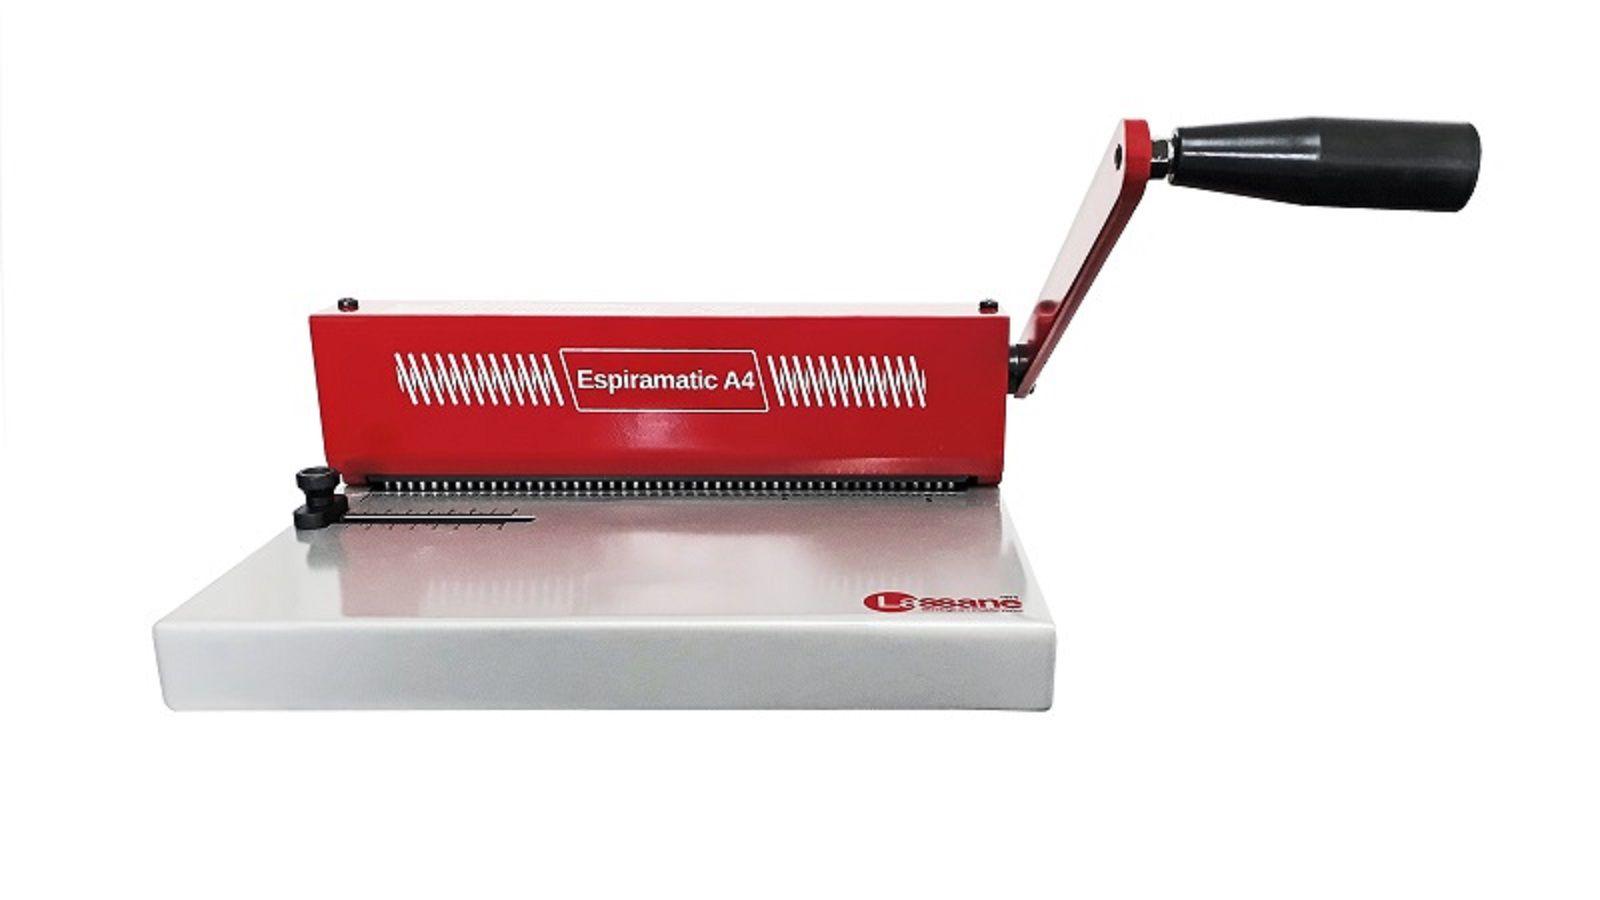 Kit Encadernadora Espiramatic A4 + 200 Capas e 100 Espirais  - Click Suprimentos